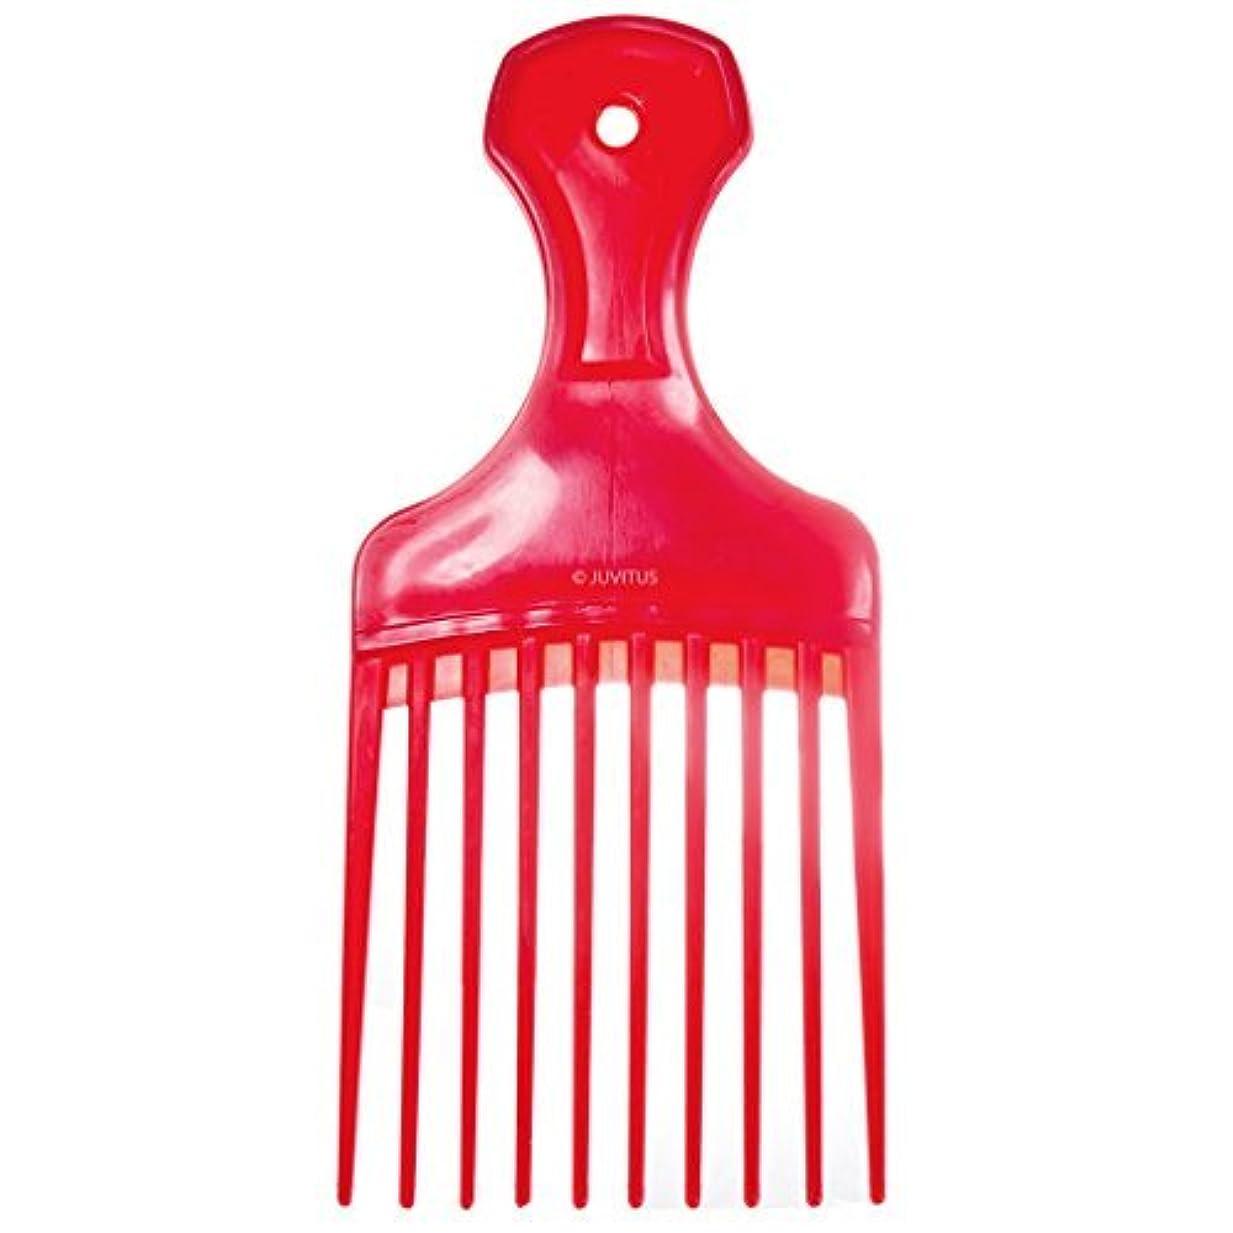 統計的ブリーフケース委員長Pocket Pick Comb - Assorted Colors (Red) [並行輸入品]